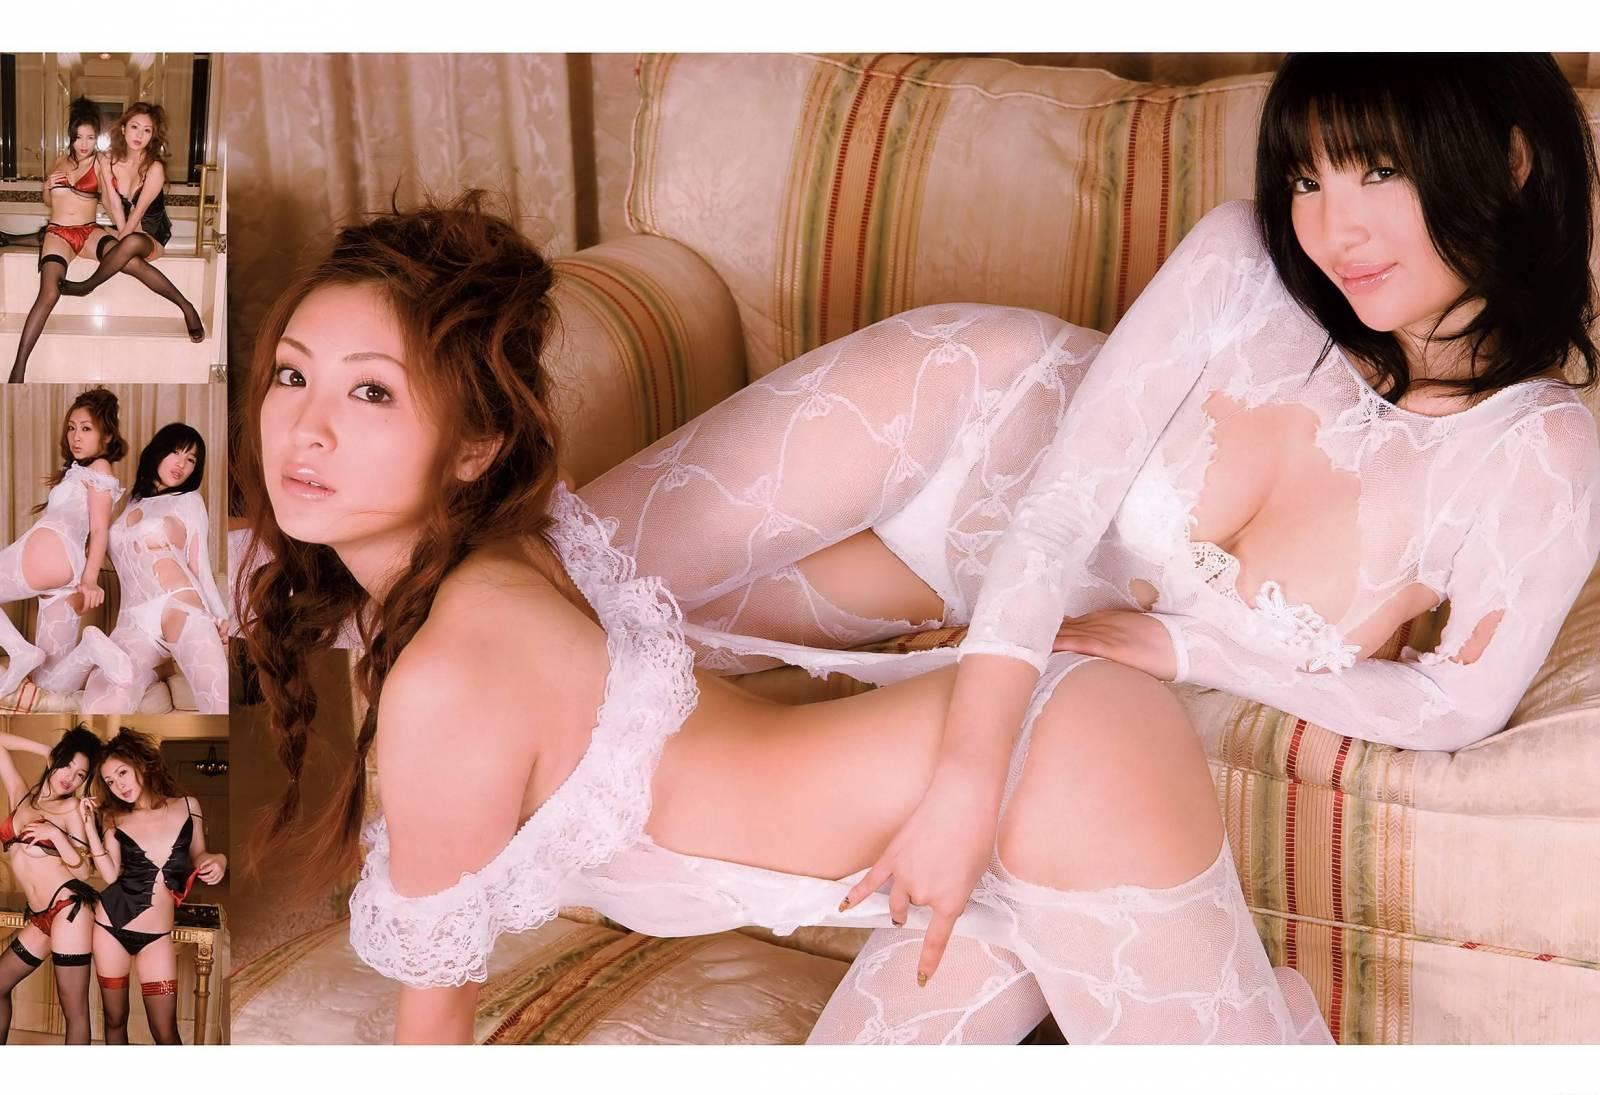 Японки в нижнем белье эро фото 5 фотография